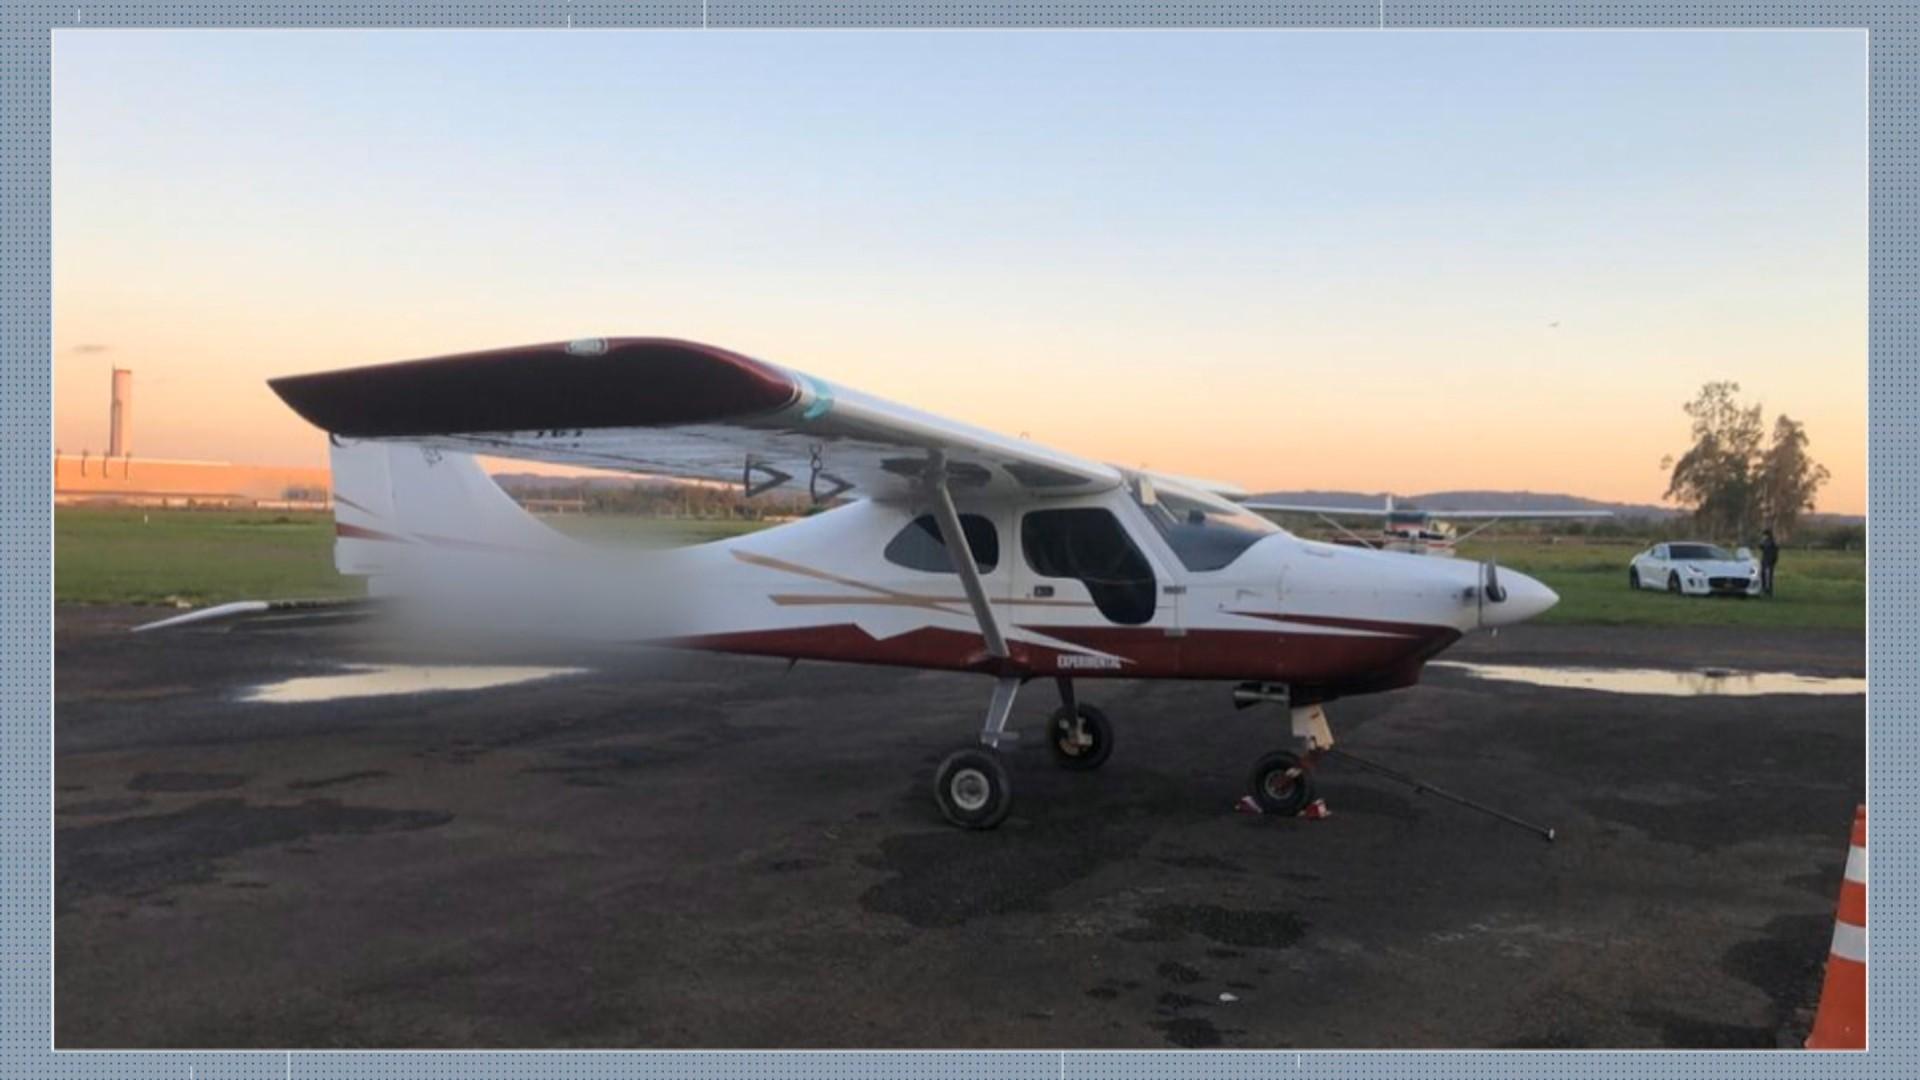 Presa quadrilha que transportava até 200 kg de drogas por semana do Paraguai para o RS em aviões, diz polícia